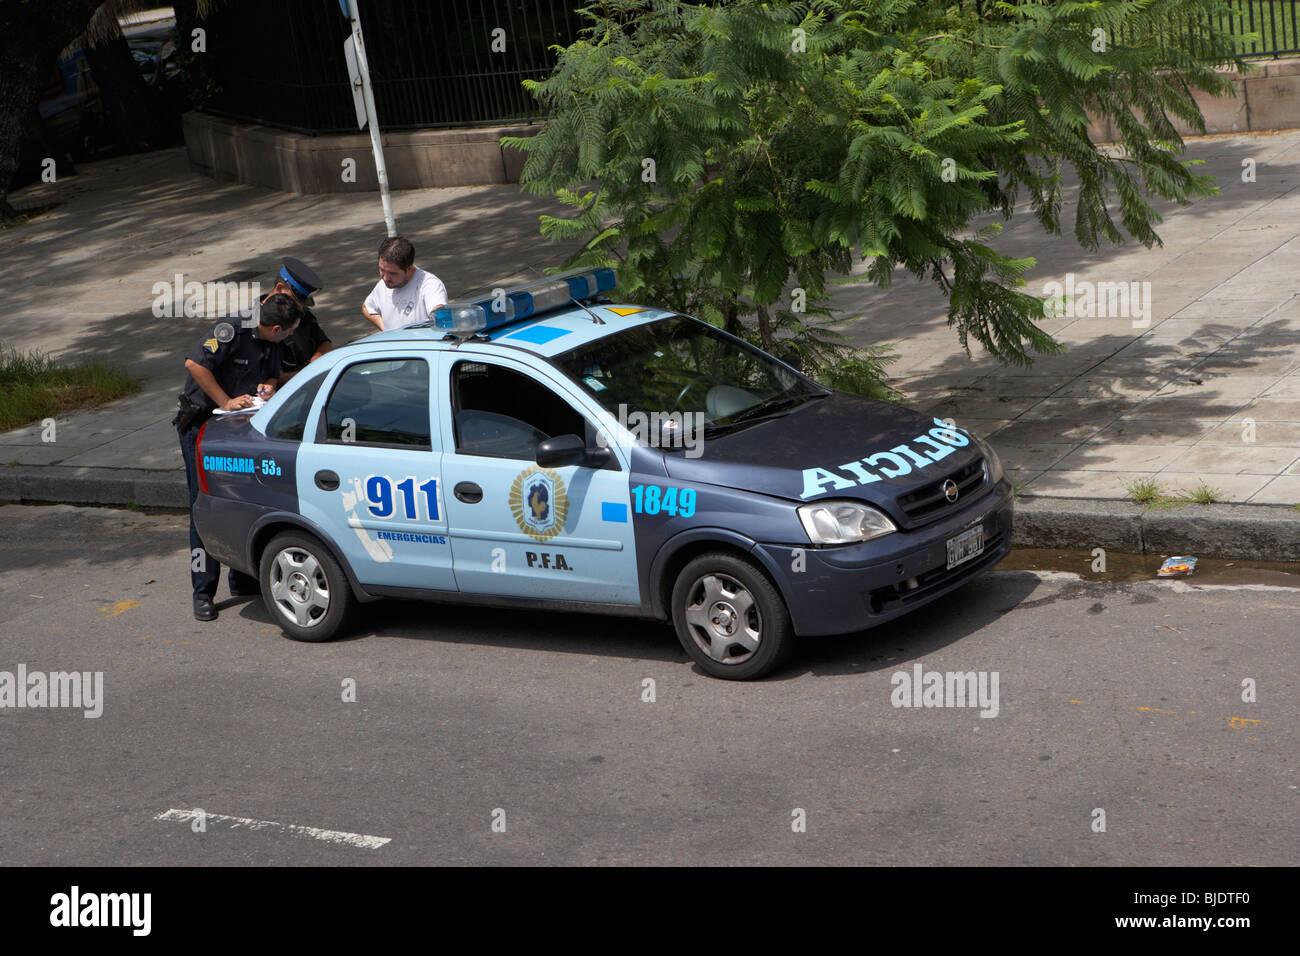 Policia Polizeiauto zu stoppen und einen anderen Fahrer in der Hauptstadt Buenos Aires Bundesrepublik Argentinien Stockbild